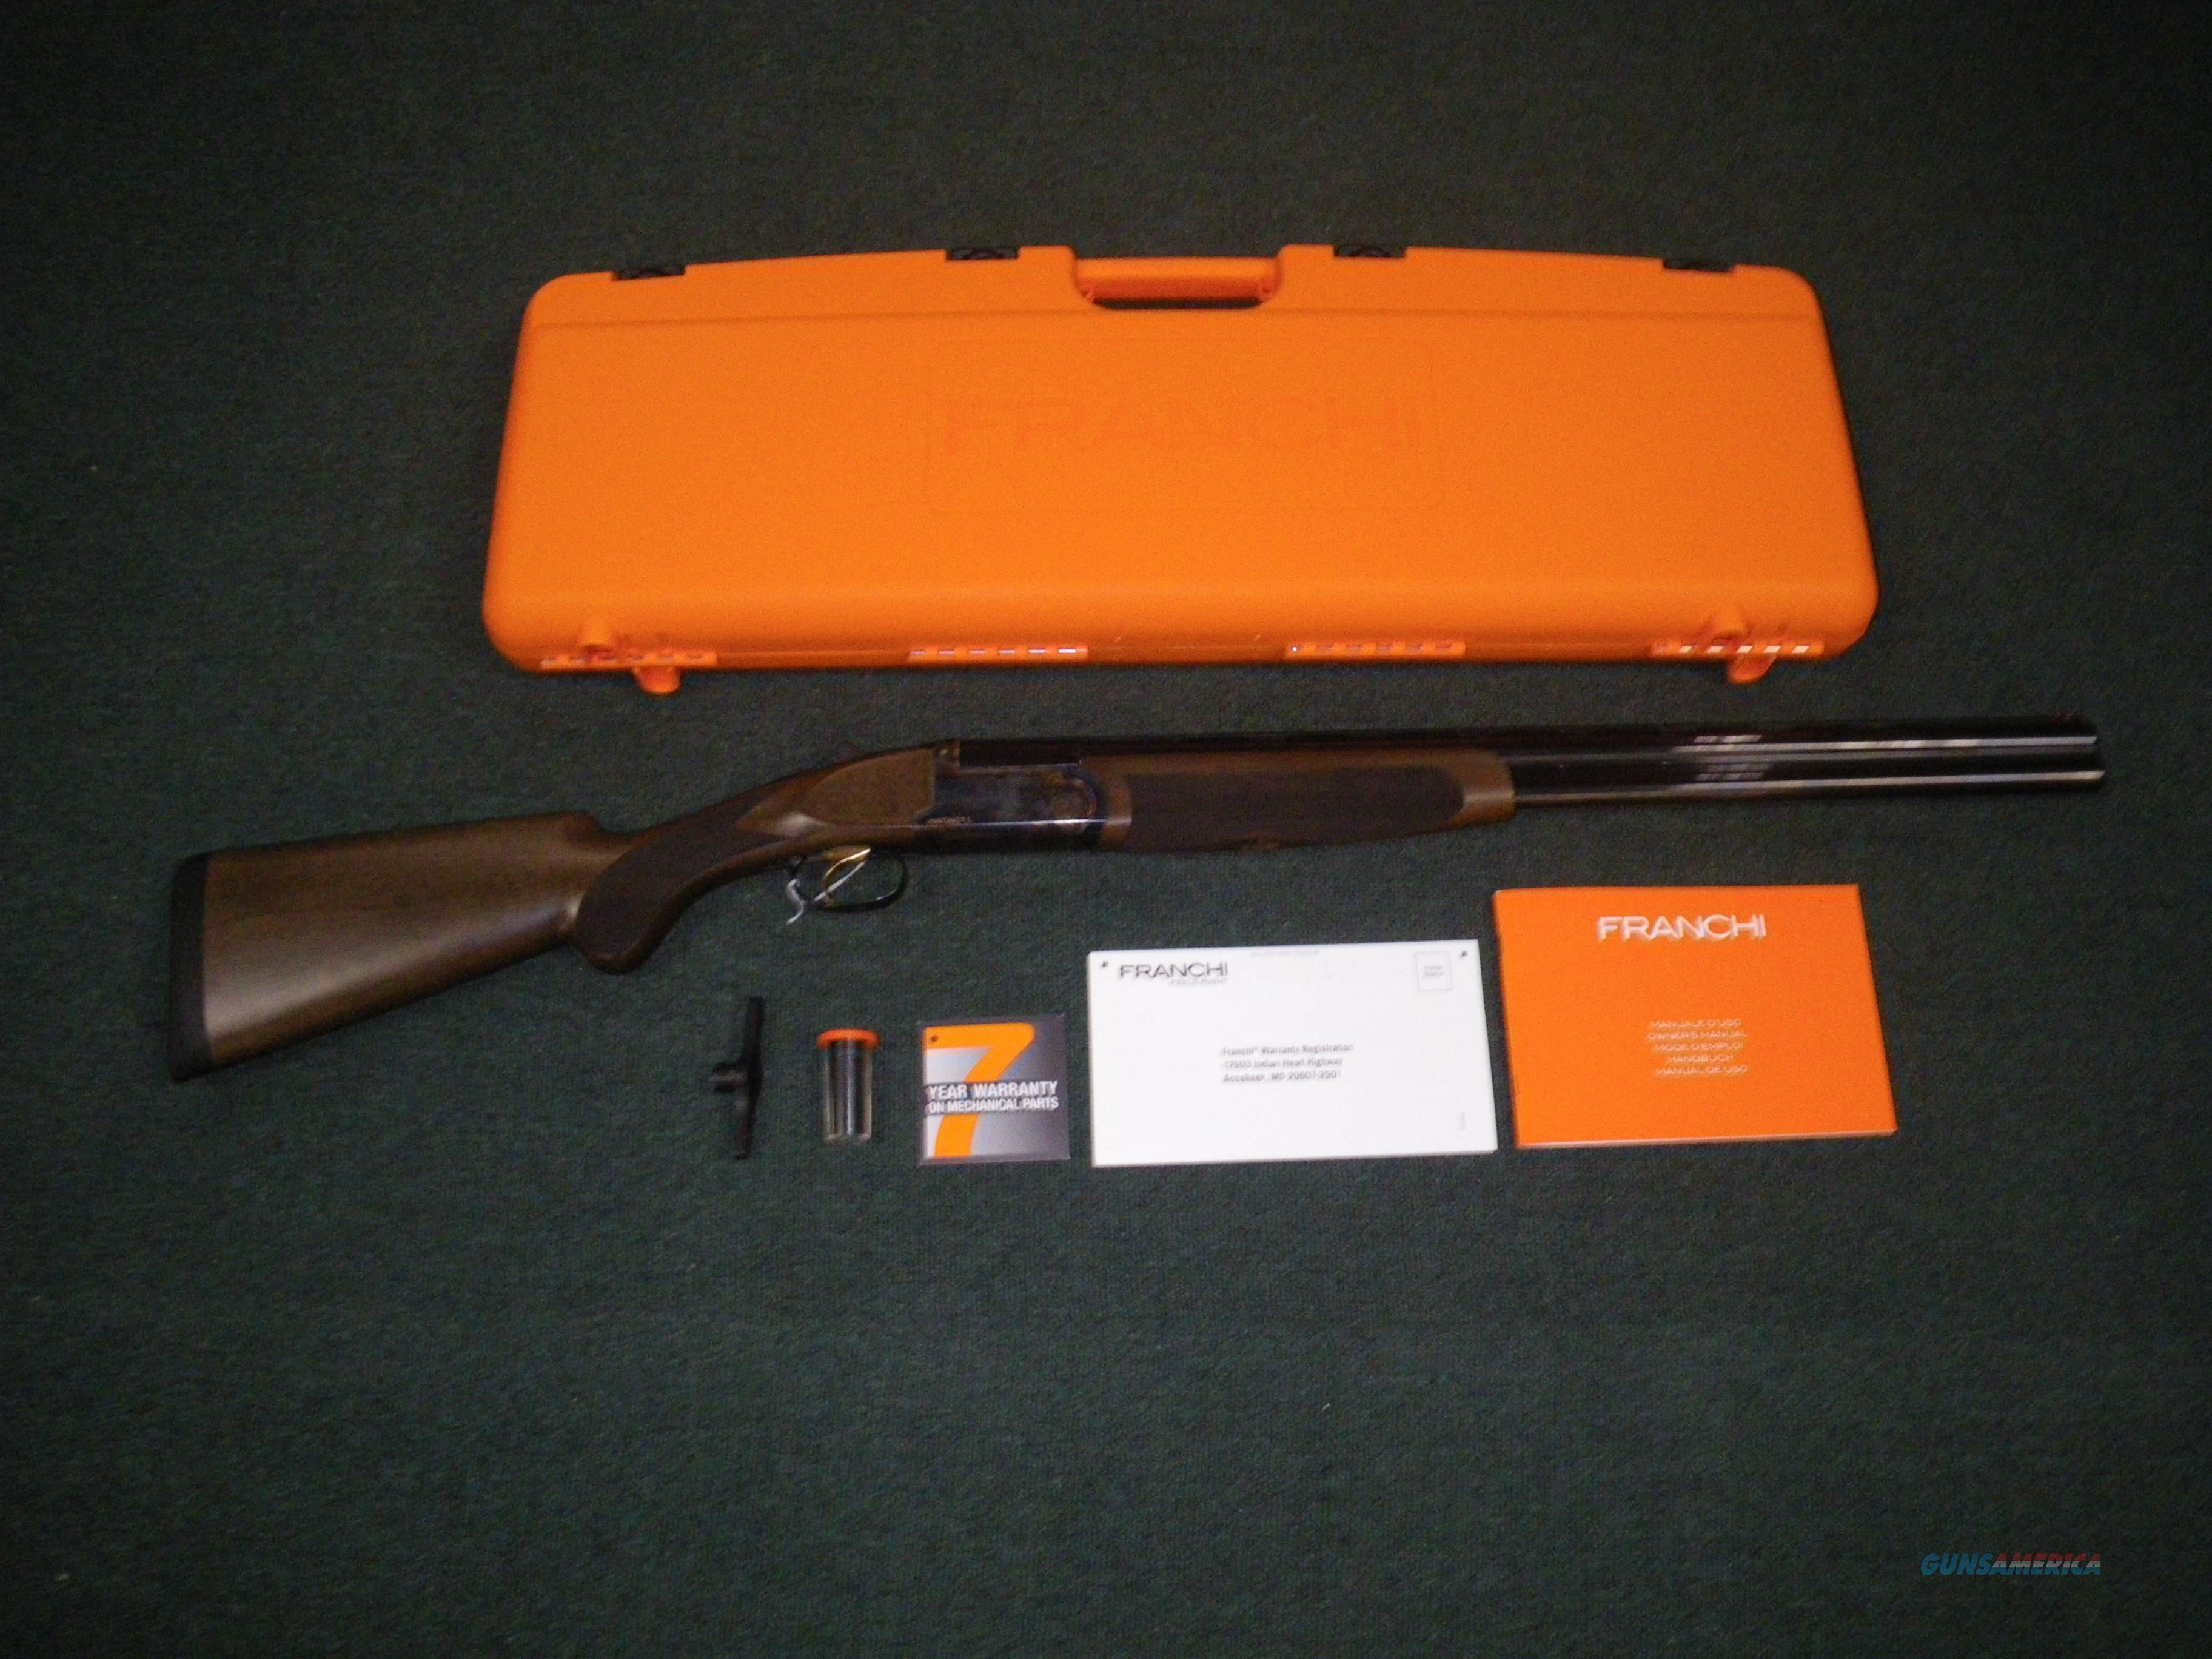 """Franchi Instinct L Over/Under Shotgun 12ga 28"""" NIB #40800  Guns > Shotguns > Franchi Shotguns > Over/Under > Hunting"""